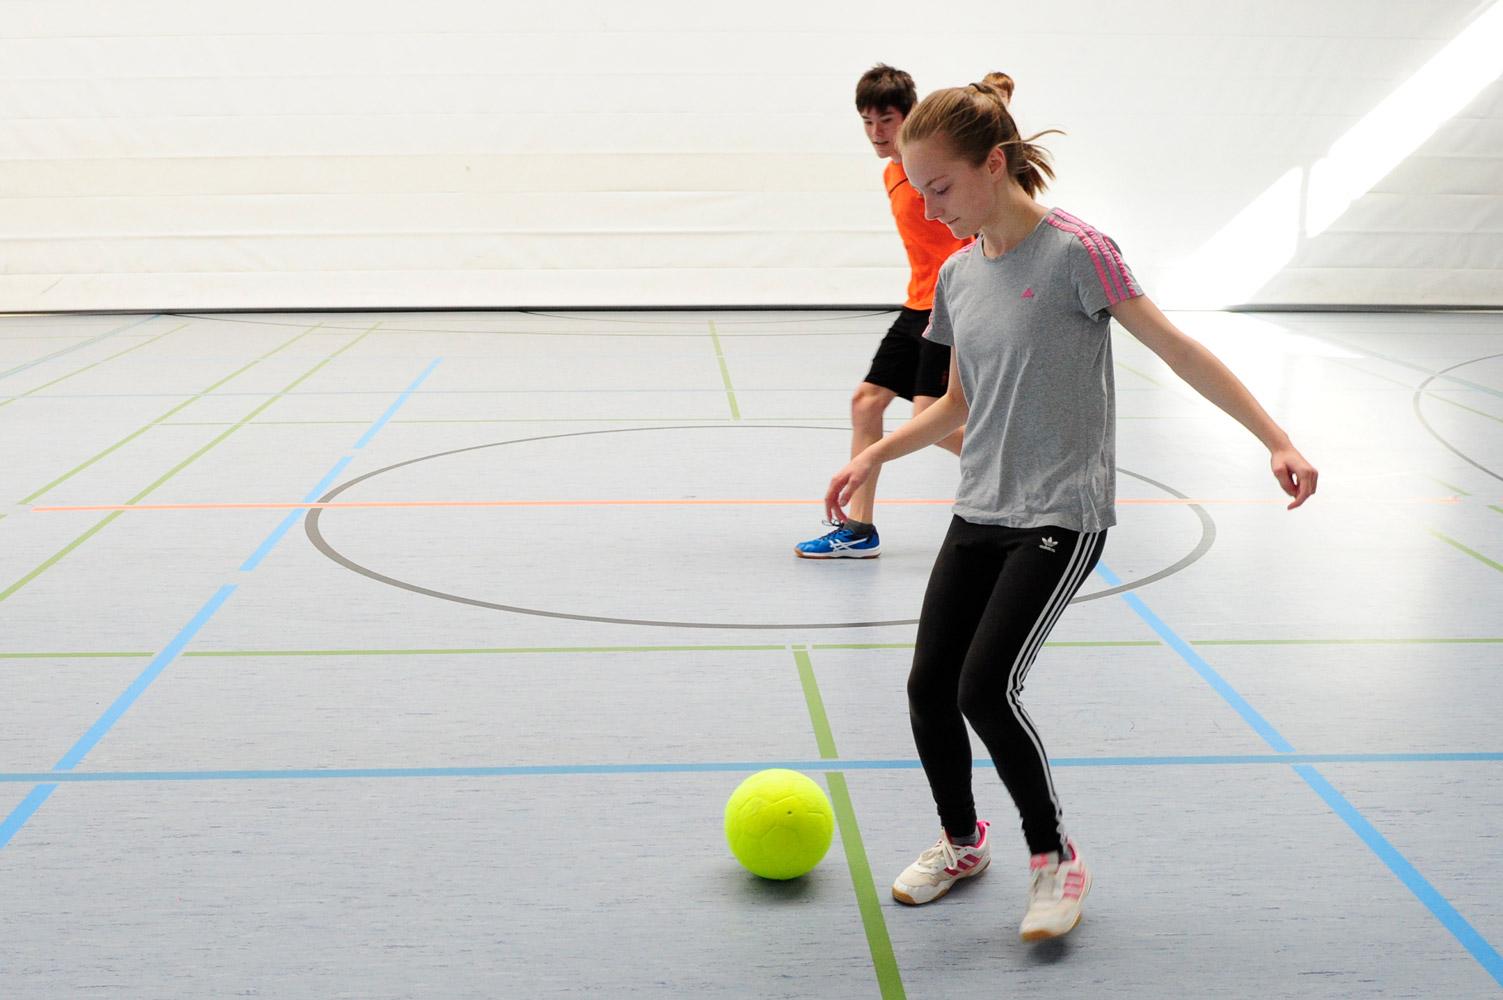 Schüler und Schülerinnen der Mittelstufe spielen Fußball im Sportunterricht